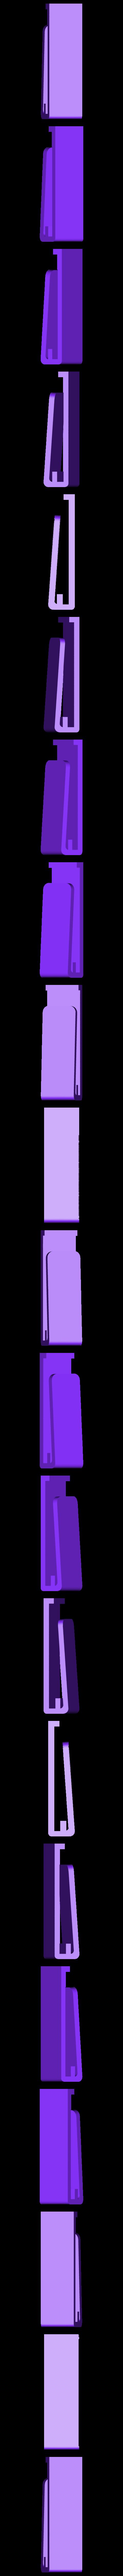 coin-clip.stl Télécharger fichier STL gratuit 12mm Coin Cell Clip • Objet imprimable en 3D, Adafruit